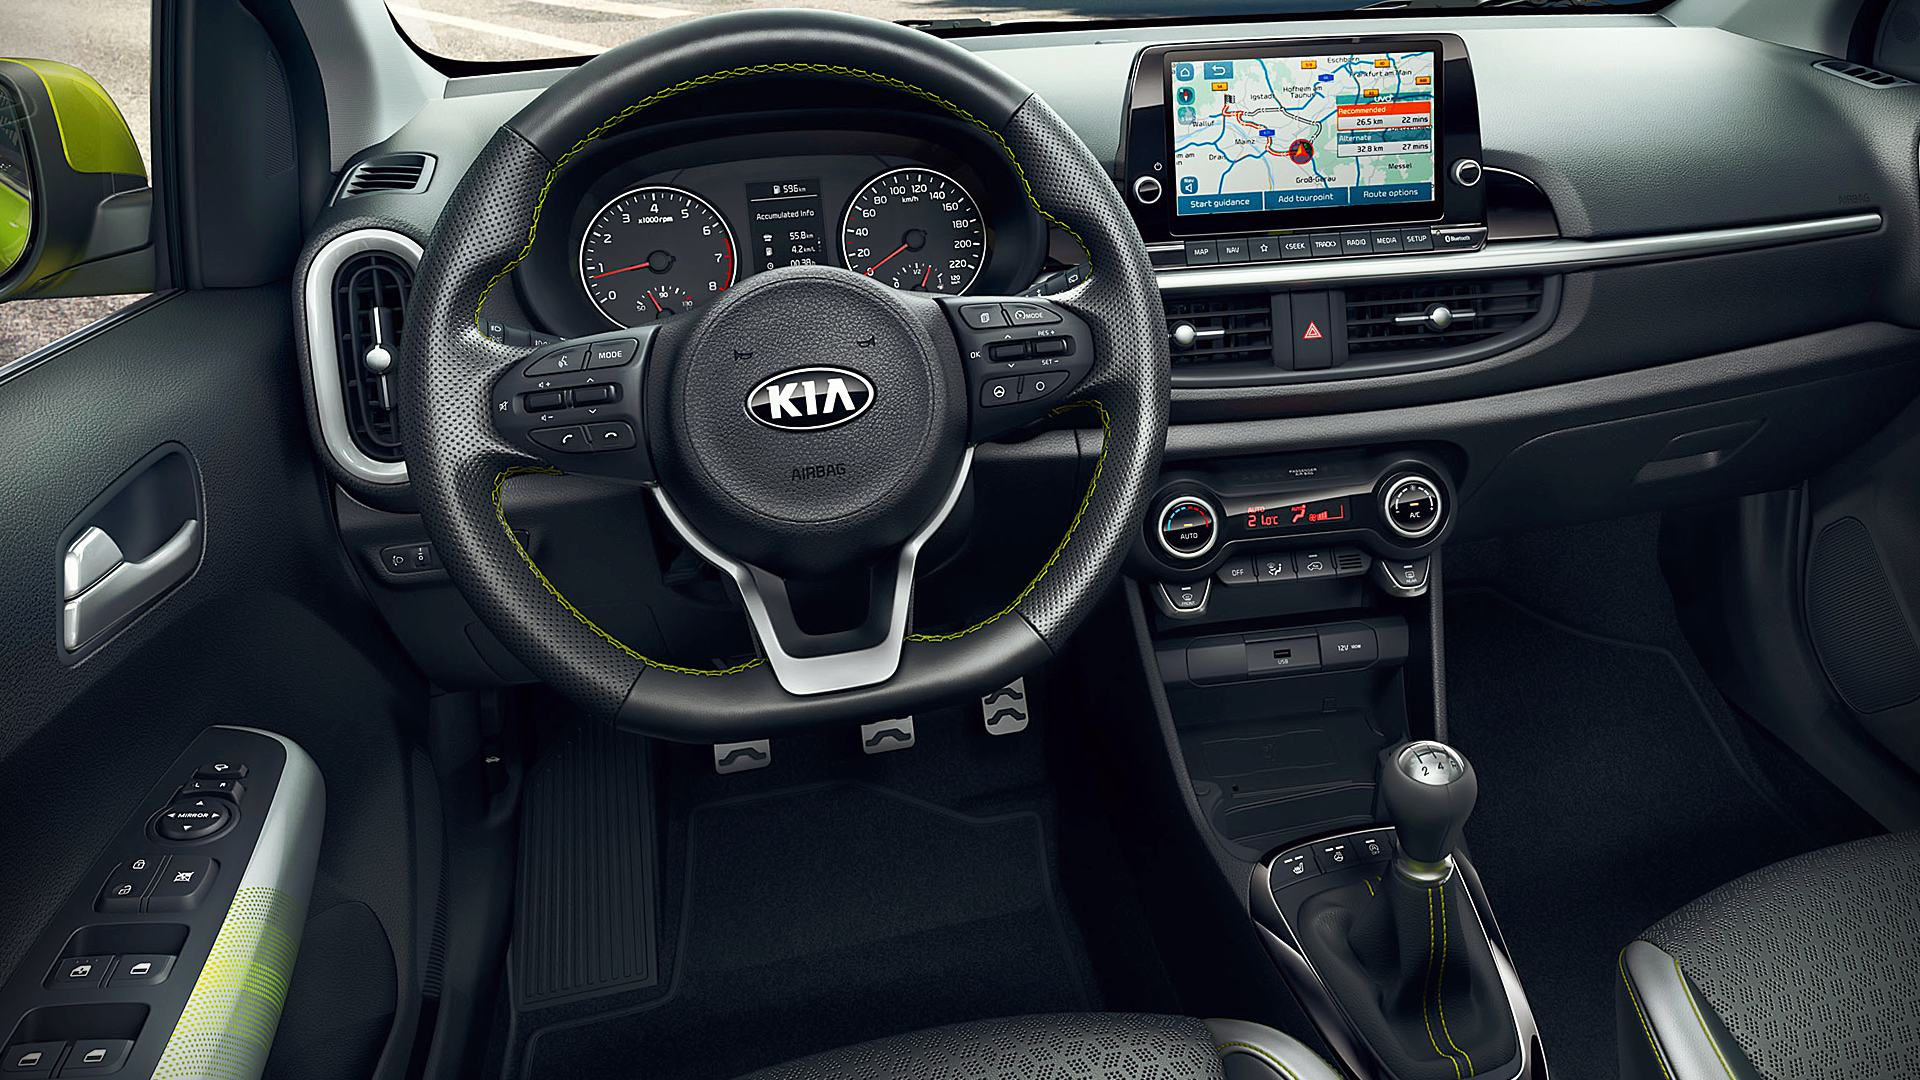 2021 Kia Picanto Interior